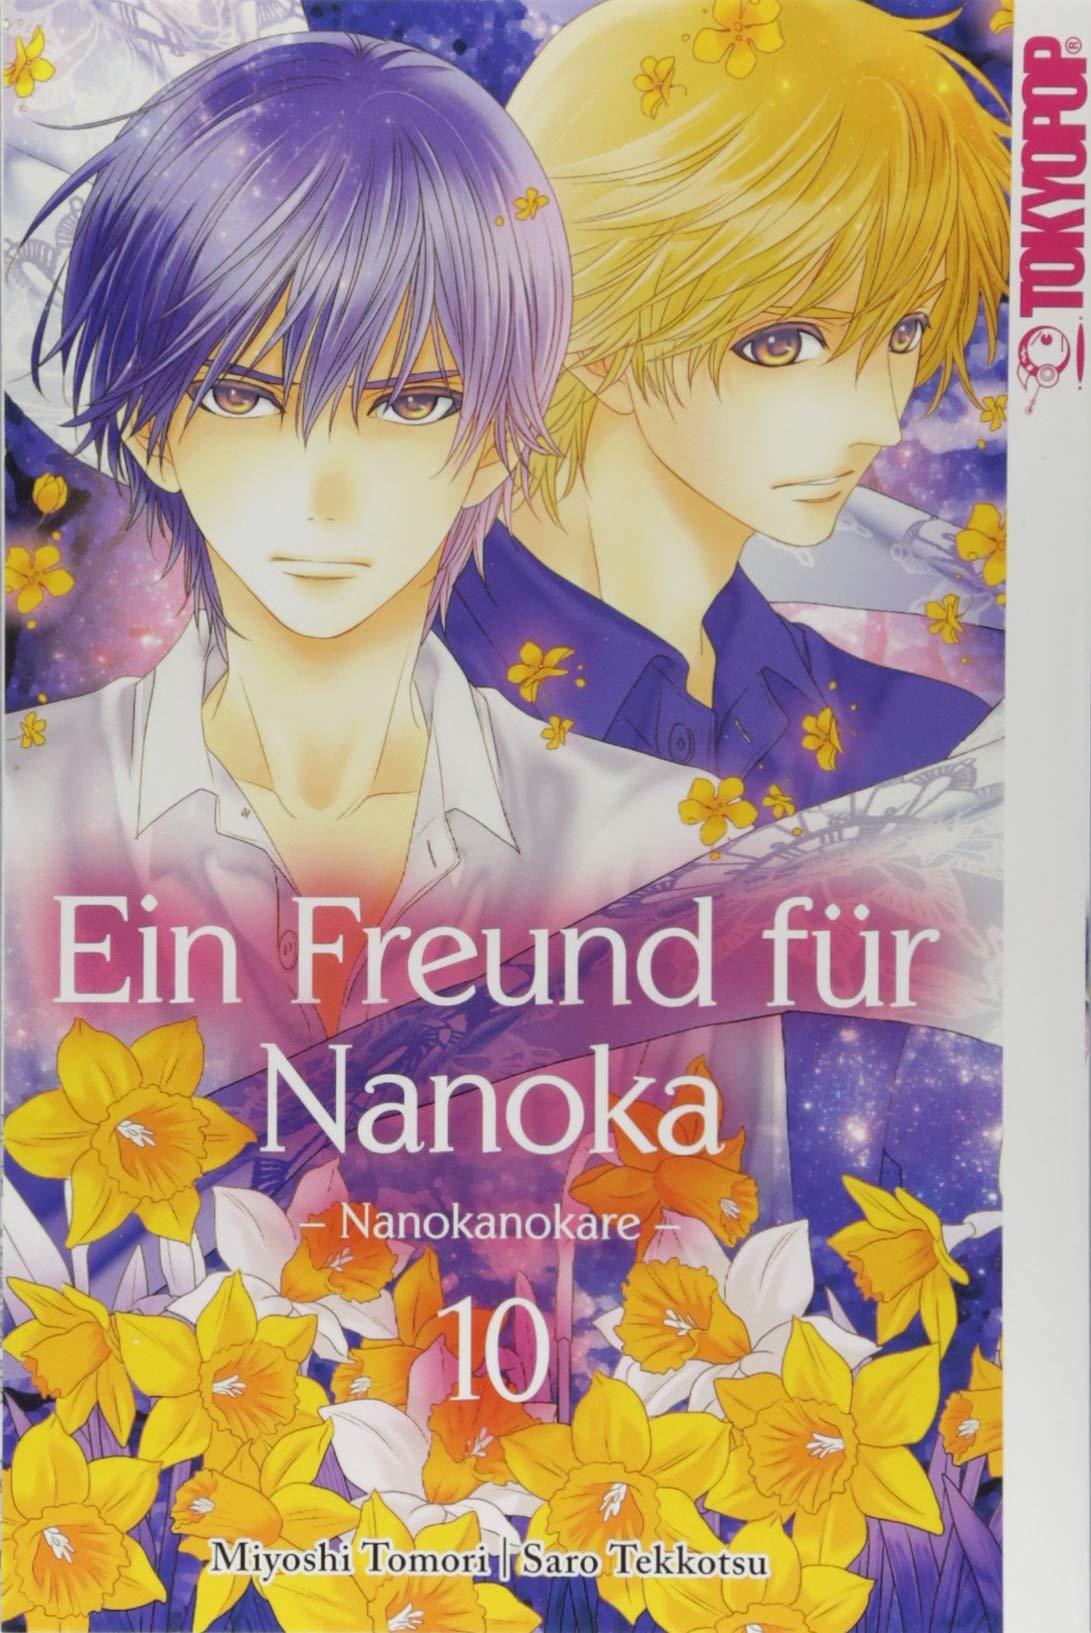 Ein Freund für Nanoka - Nanokanokare 10 Taschenbuch – 16. August 2018 Saro Tekkotsu Miyoshi Toumori TOKYOPOP 3842046057